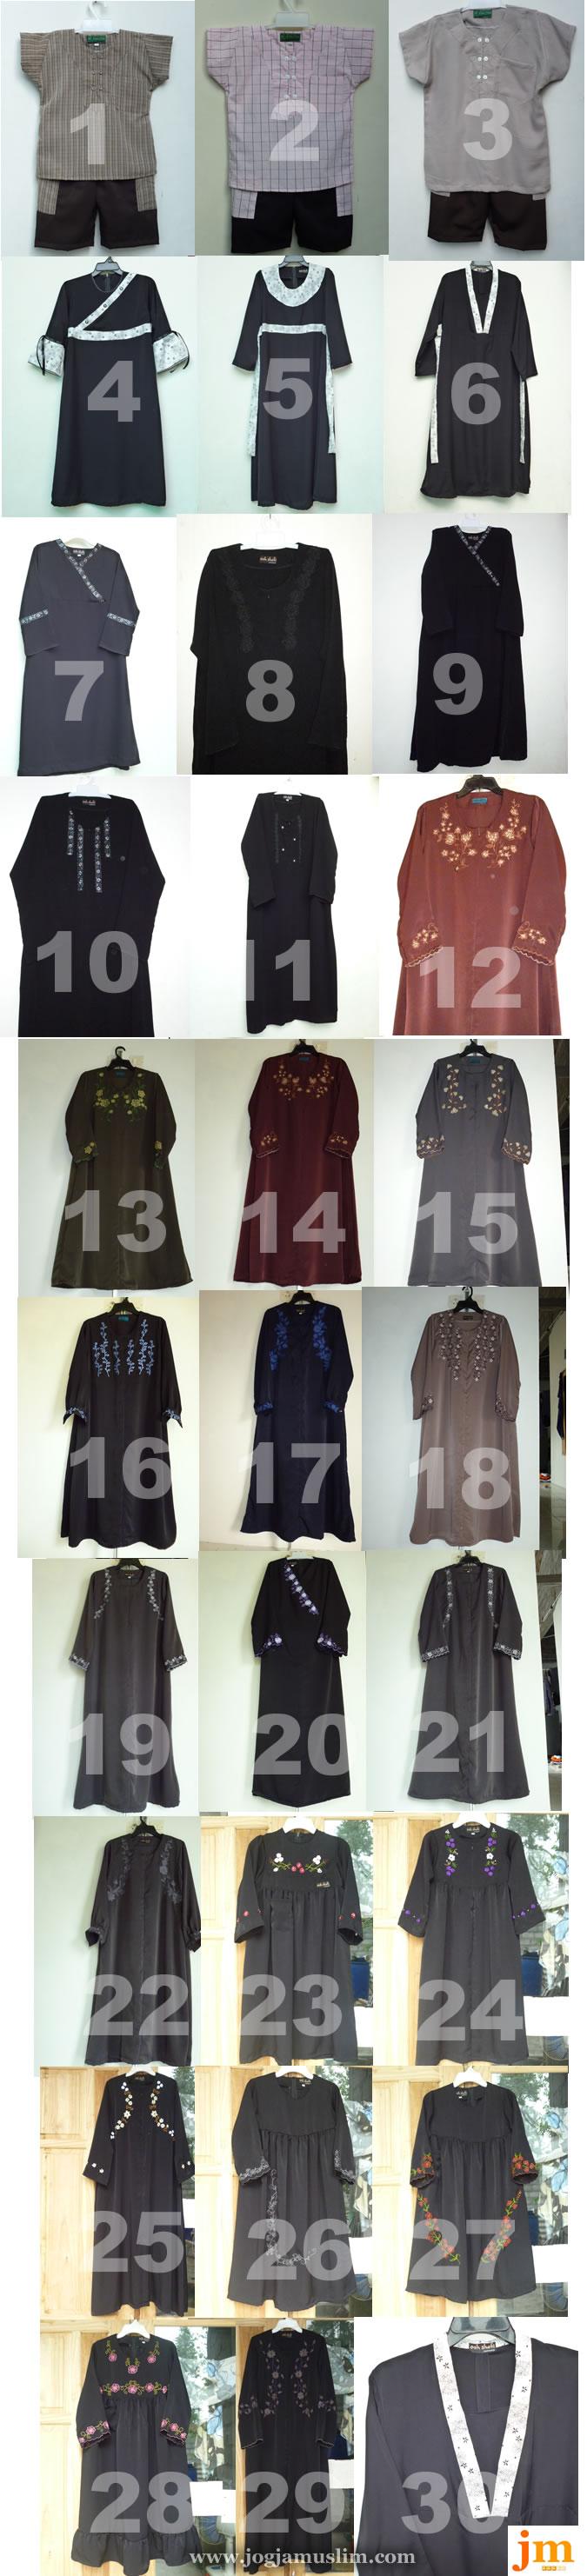 Jual Pakaian Muslim Muslimah Ash Shofy Collection